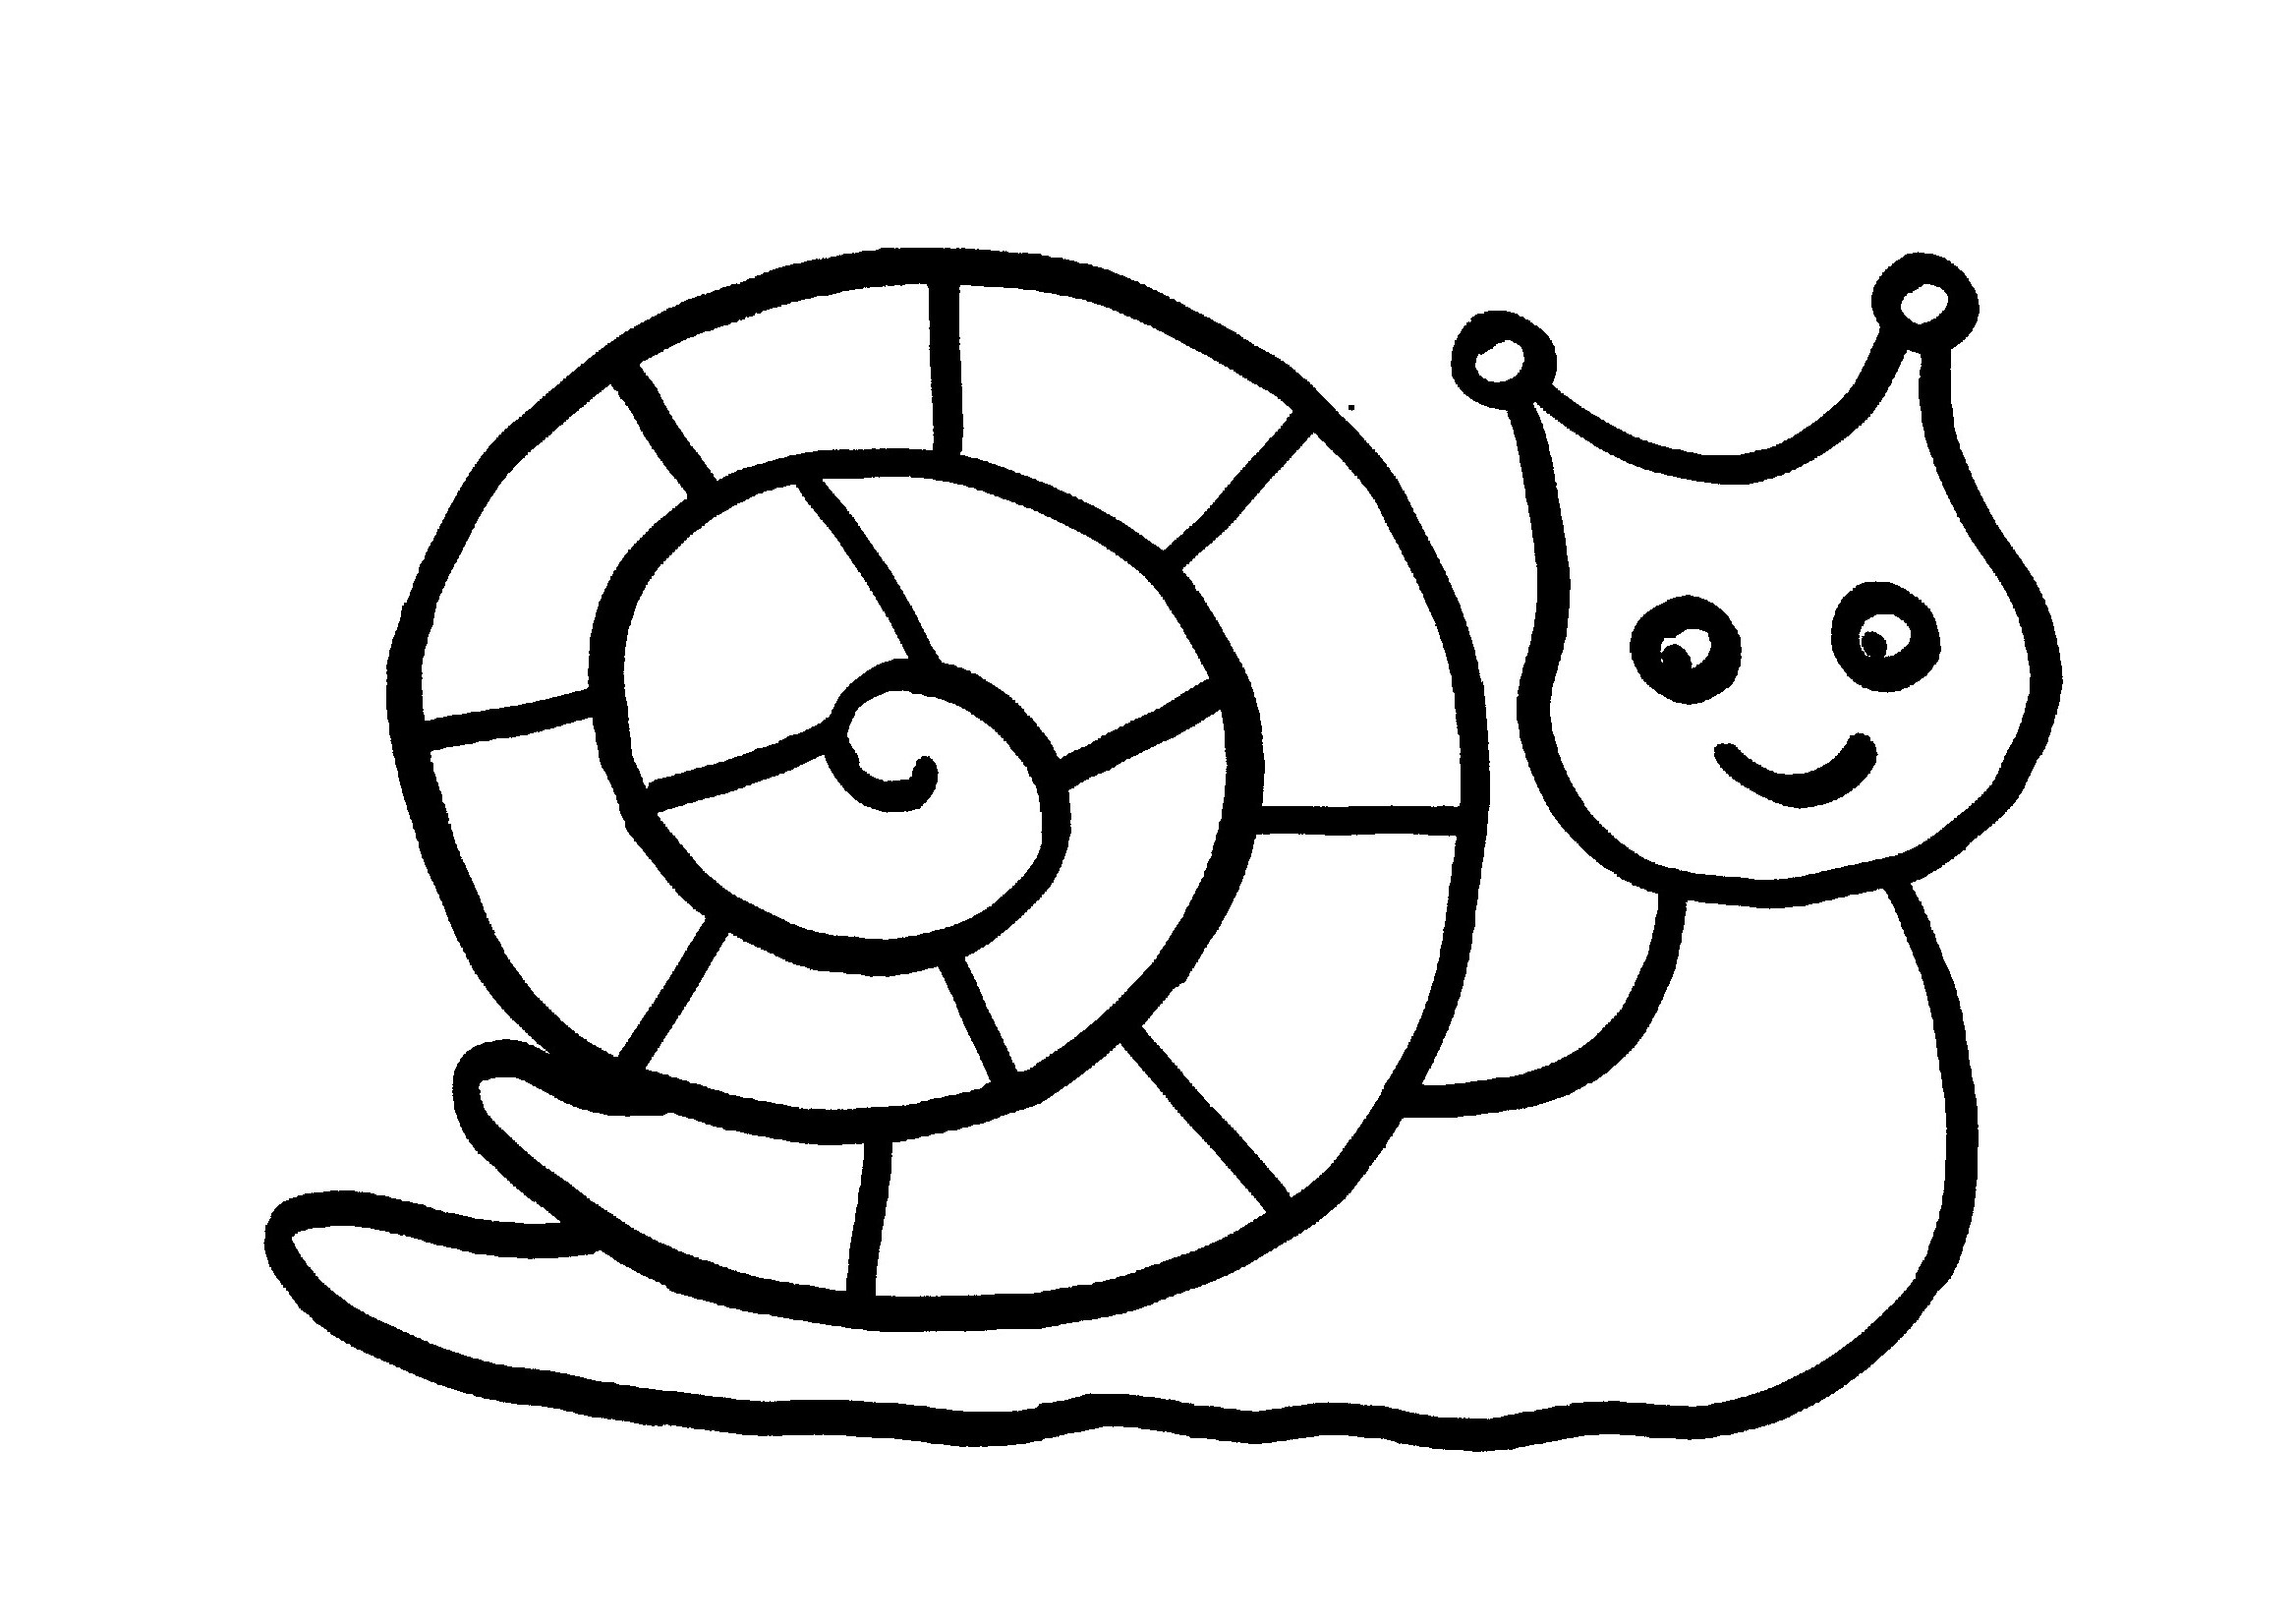 ebook Gestaltungssuche im Ertragsteuerrecht: Entwicklung von Gestaltungsmöglichkeiten